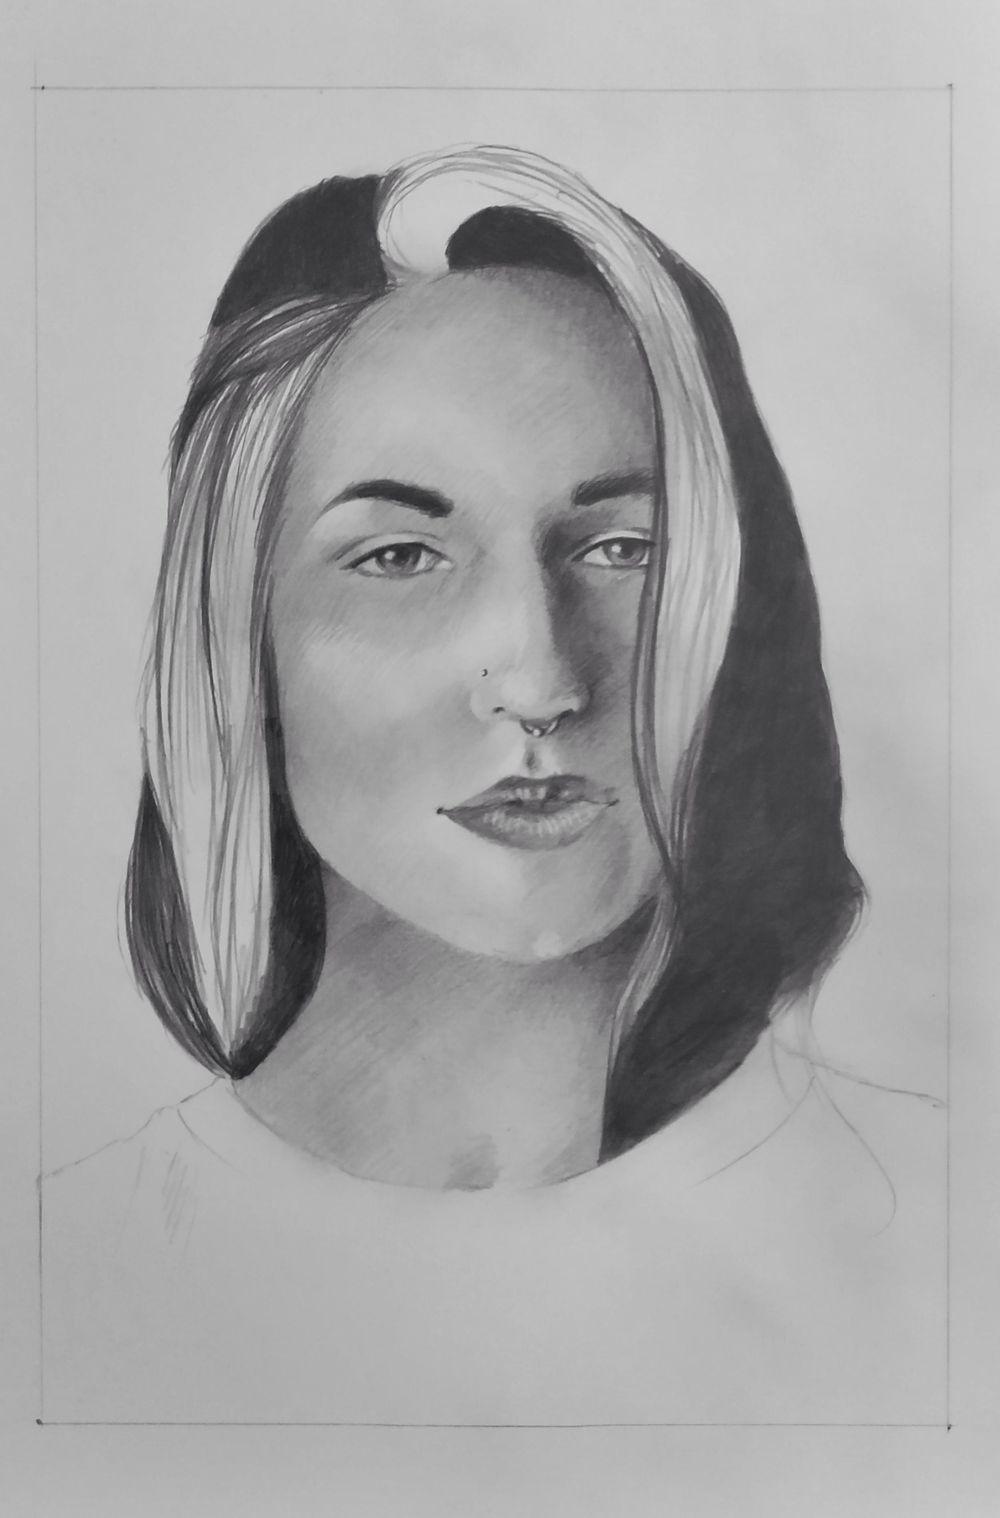 Face Portrait - image 1 - student project